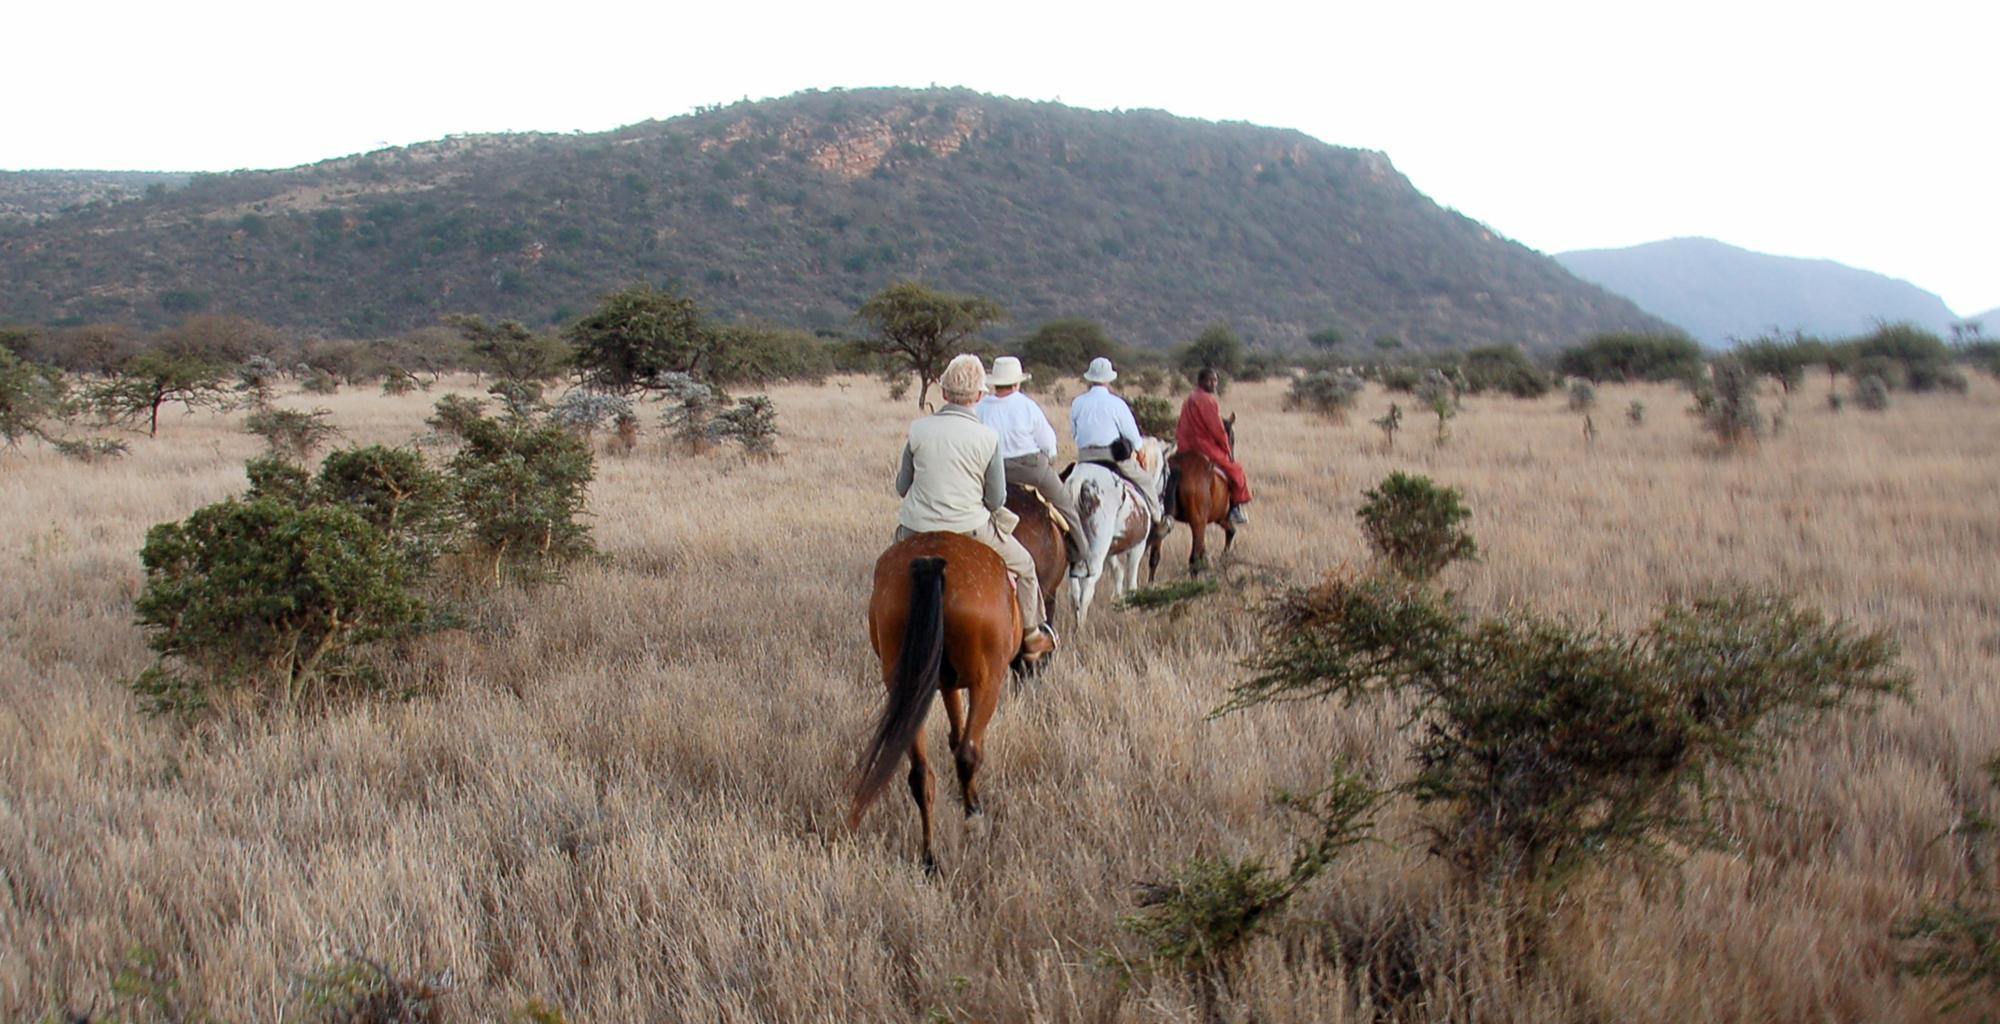 Kenya-Sirikoi-House-Horse-Ride